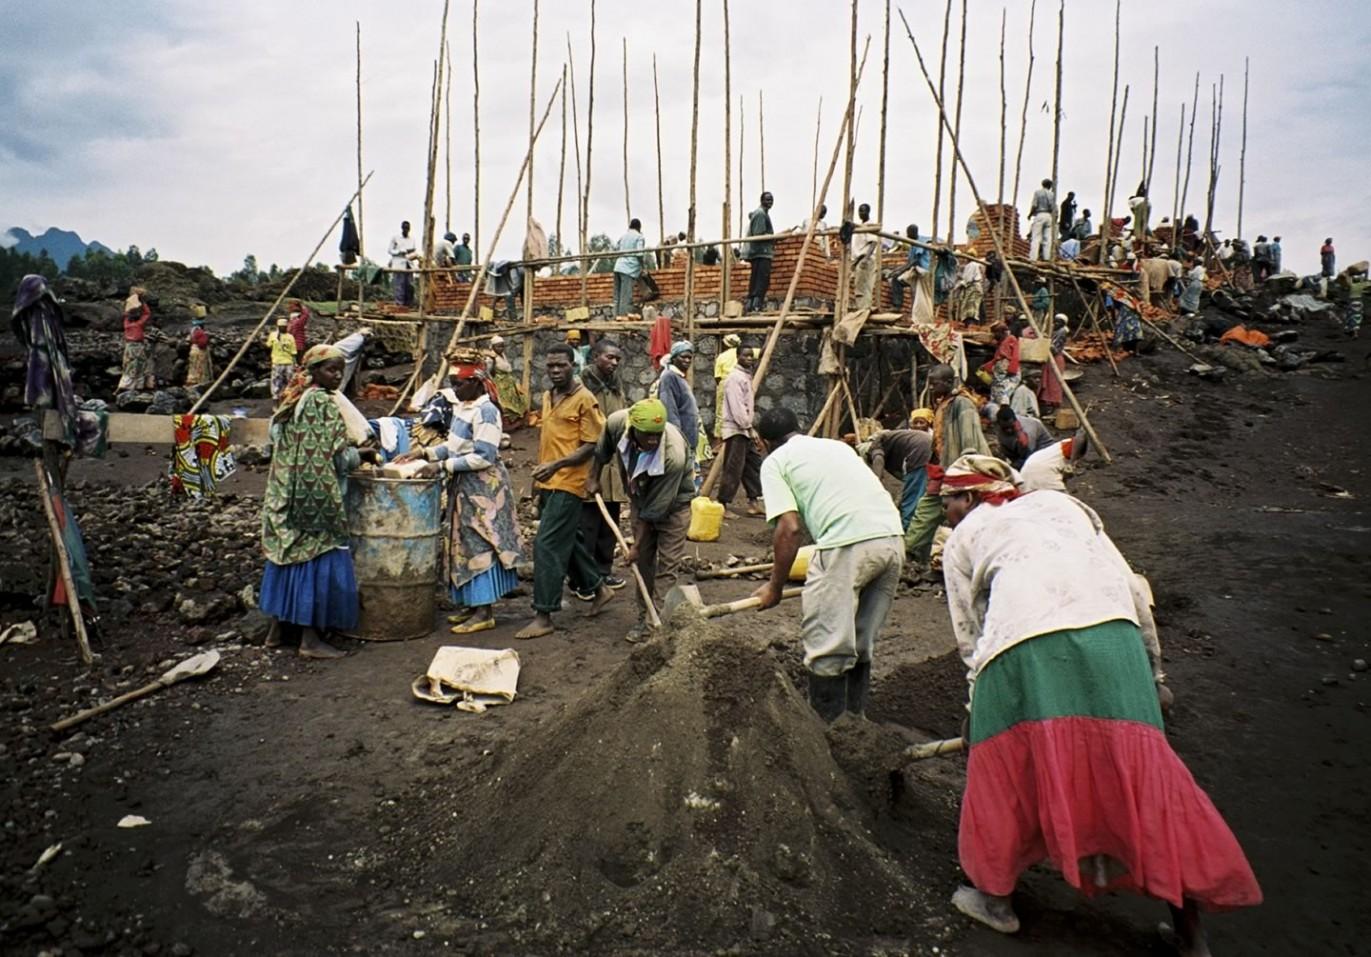 rwanda_construction1440x1005